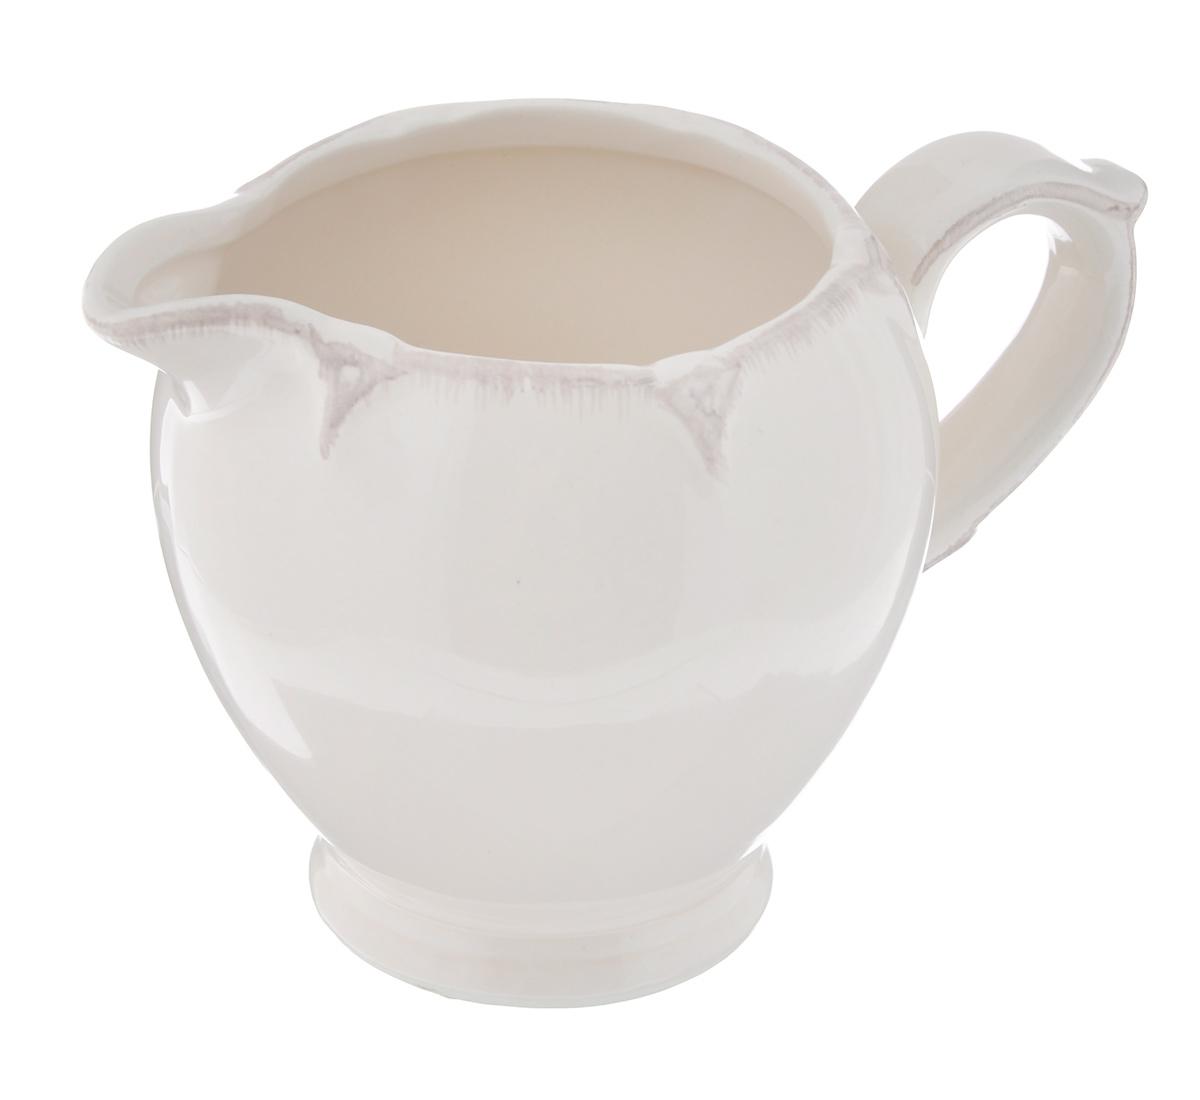 Молочник Лилло Ideal, 250 мл214200Молочник Лилло Ideal выполнен из высококачественной керамики керамики. Изделие станет незаменимым аксессуаром для тех, кто любит пить кофе или чай с добавлением молока. Дизайн молочника придется по вкусу и ценителям классики, и тем, кто предпочитает утонченность и изысканность. Также молочник послужит приятным и практичным подарком. Он упакован в красочную картонную коробку. Диаметр молочника по верхнему краю: 7 см. Диаметр дна: 5,2 см. Высота молочника: 8,5 см. Объем молочника: 250 мл.